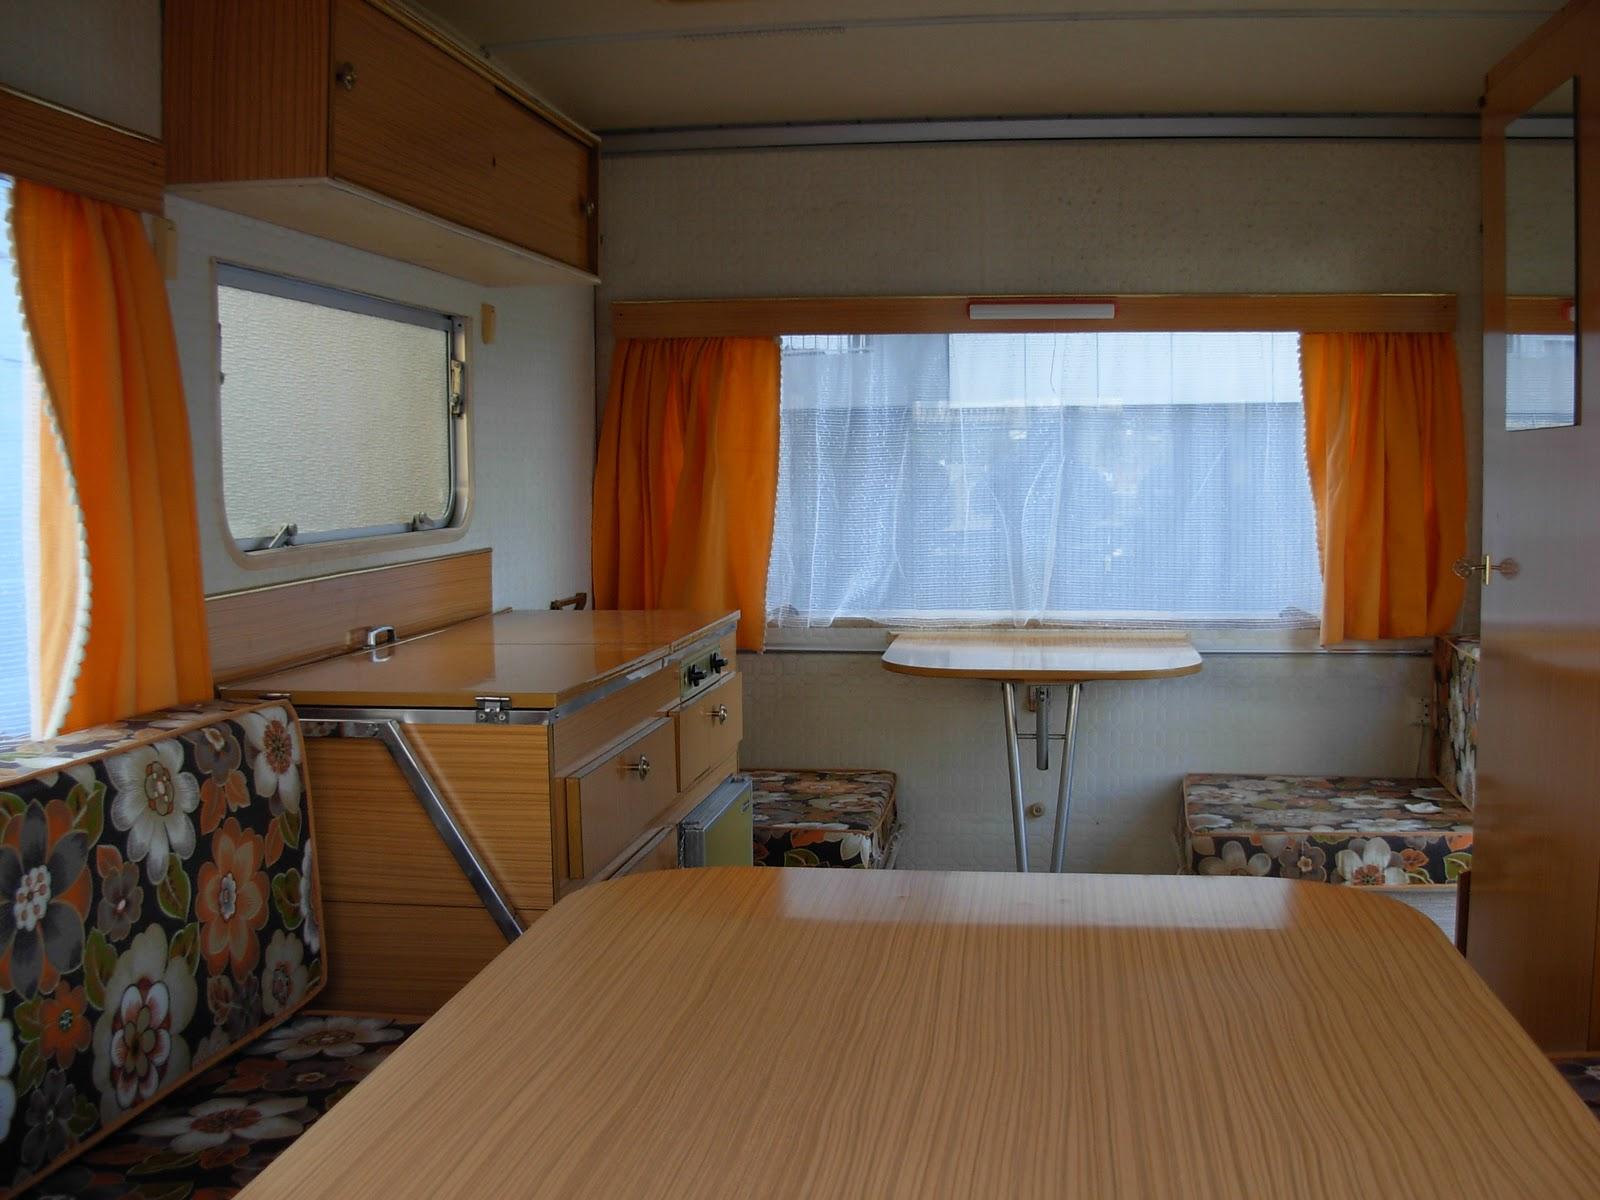 caravane esterelle je me d fais de ma caravane pliante esterelle. Black Bedroom Furniture Sets. Home Design Ideas